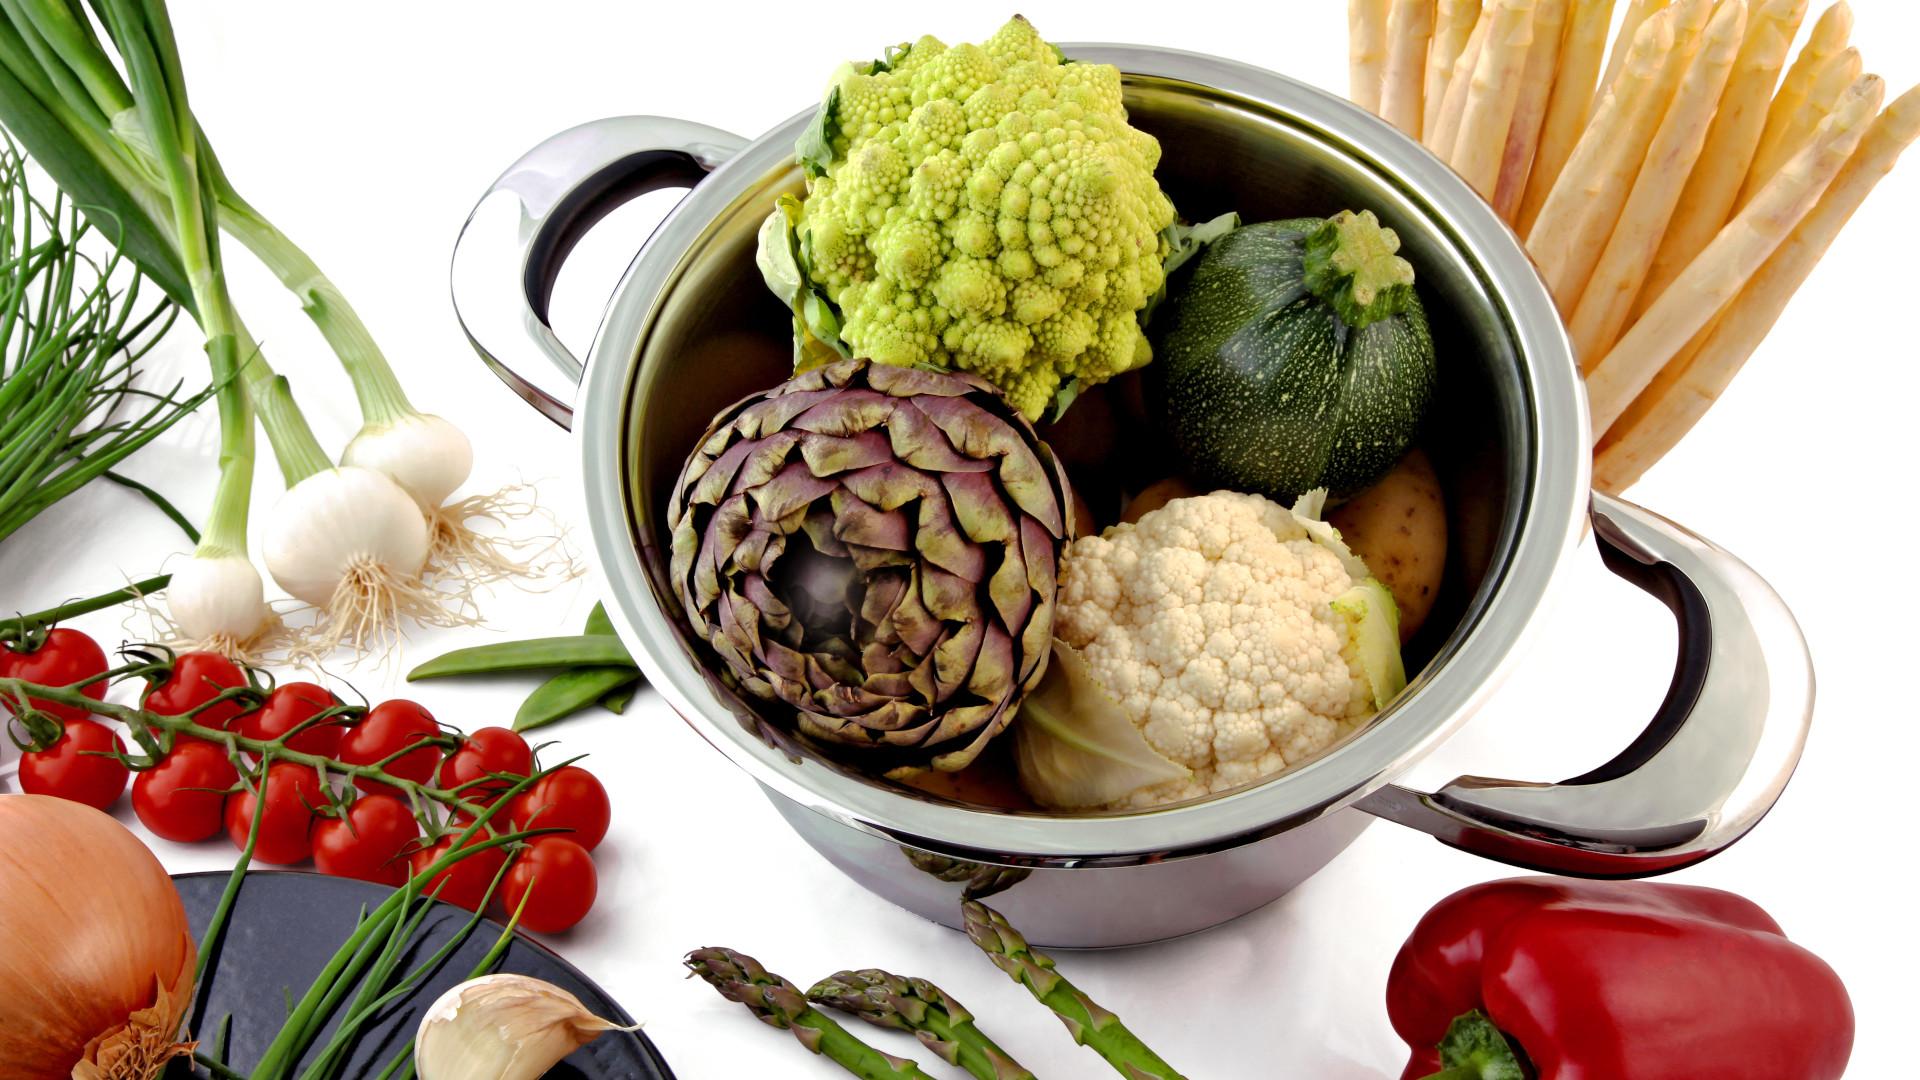 Cuisson basse température : les meilleurs modes de cuisson